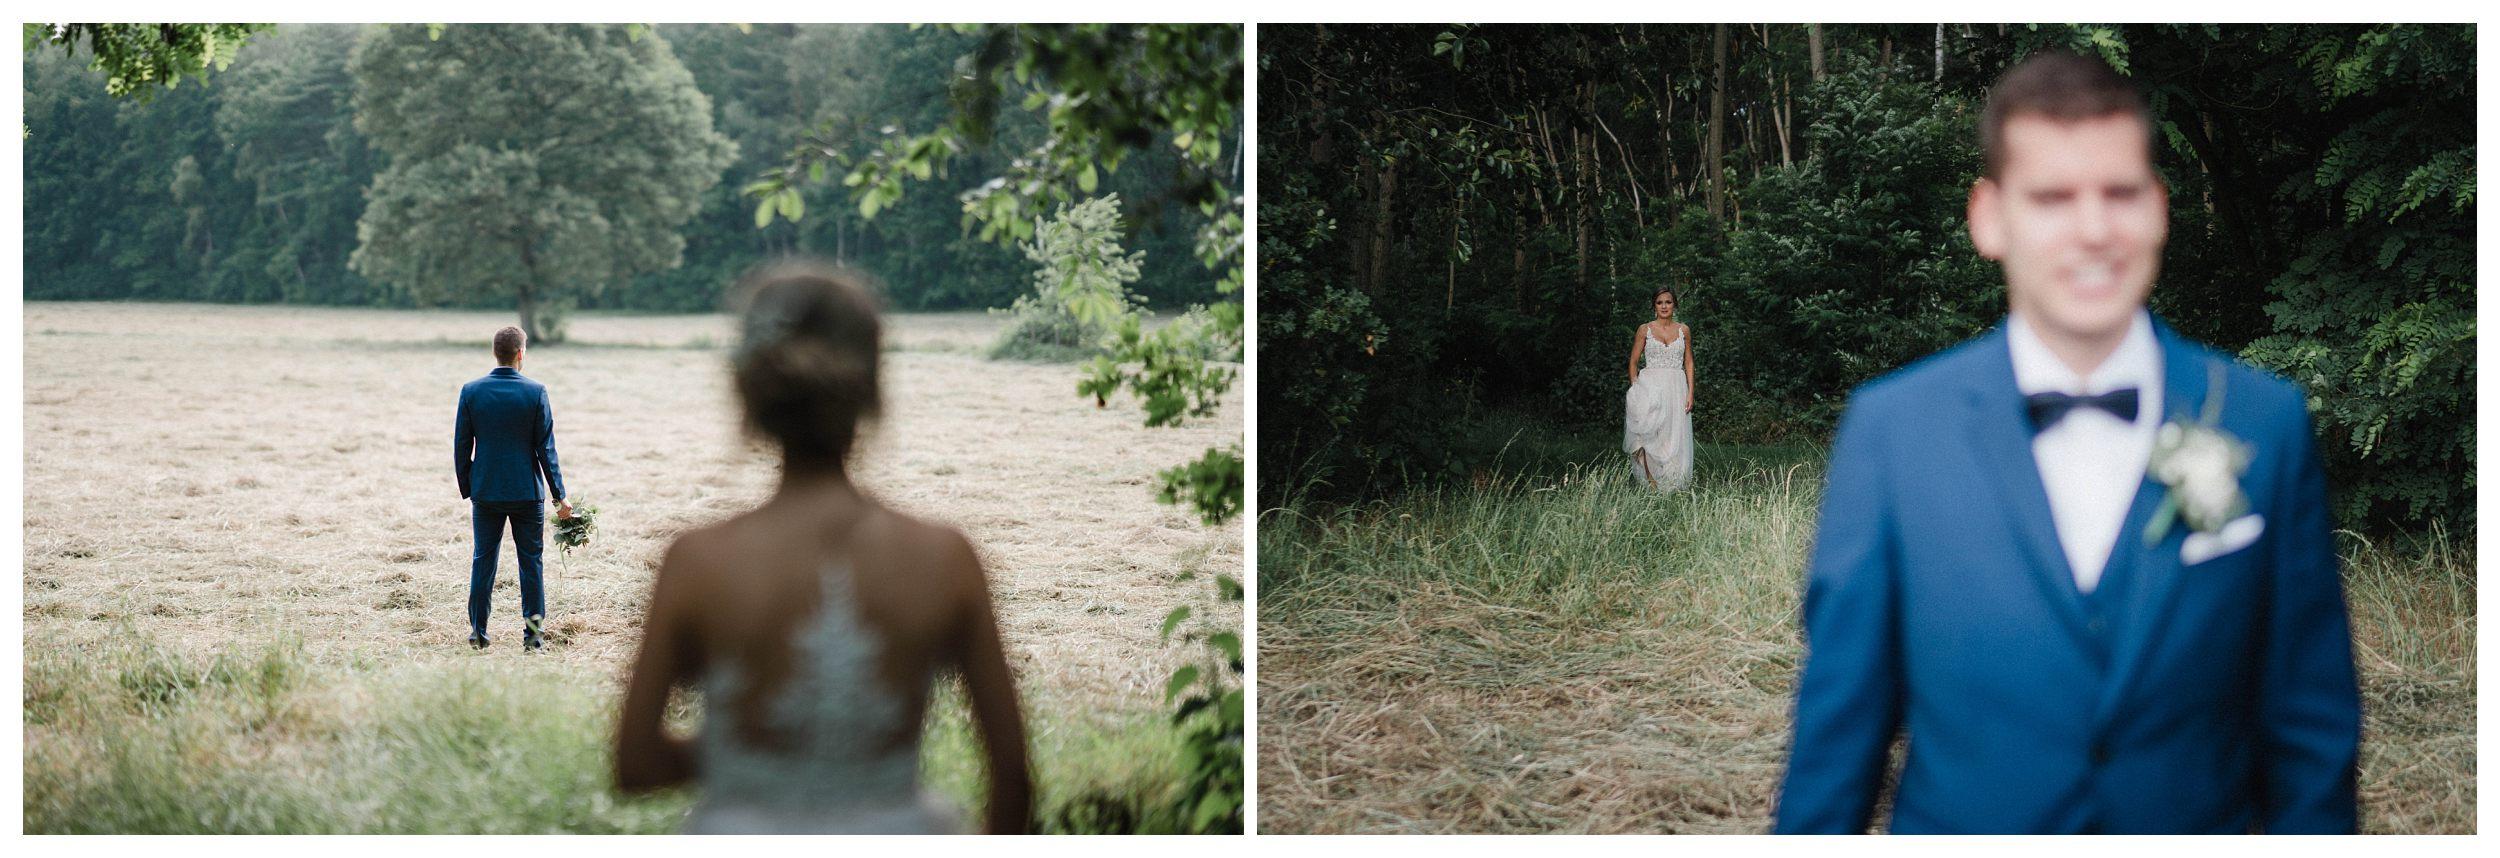 huwelijksfotograaf bruidsfotograaf destinationwedding huwelijksfotografie in mol oostham (18).jpg